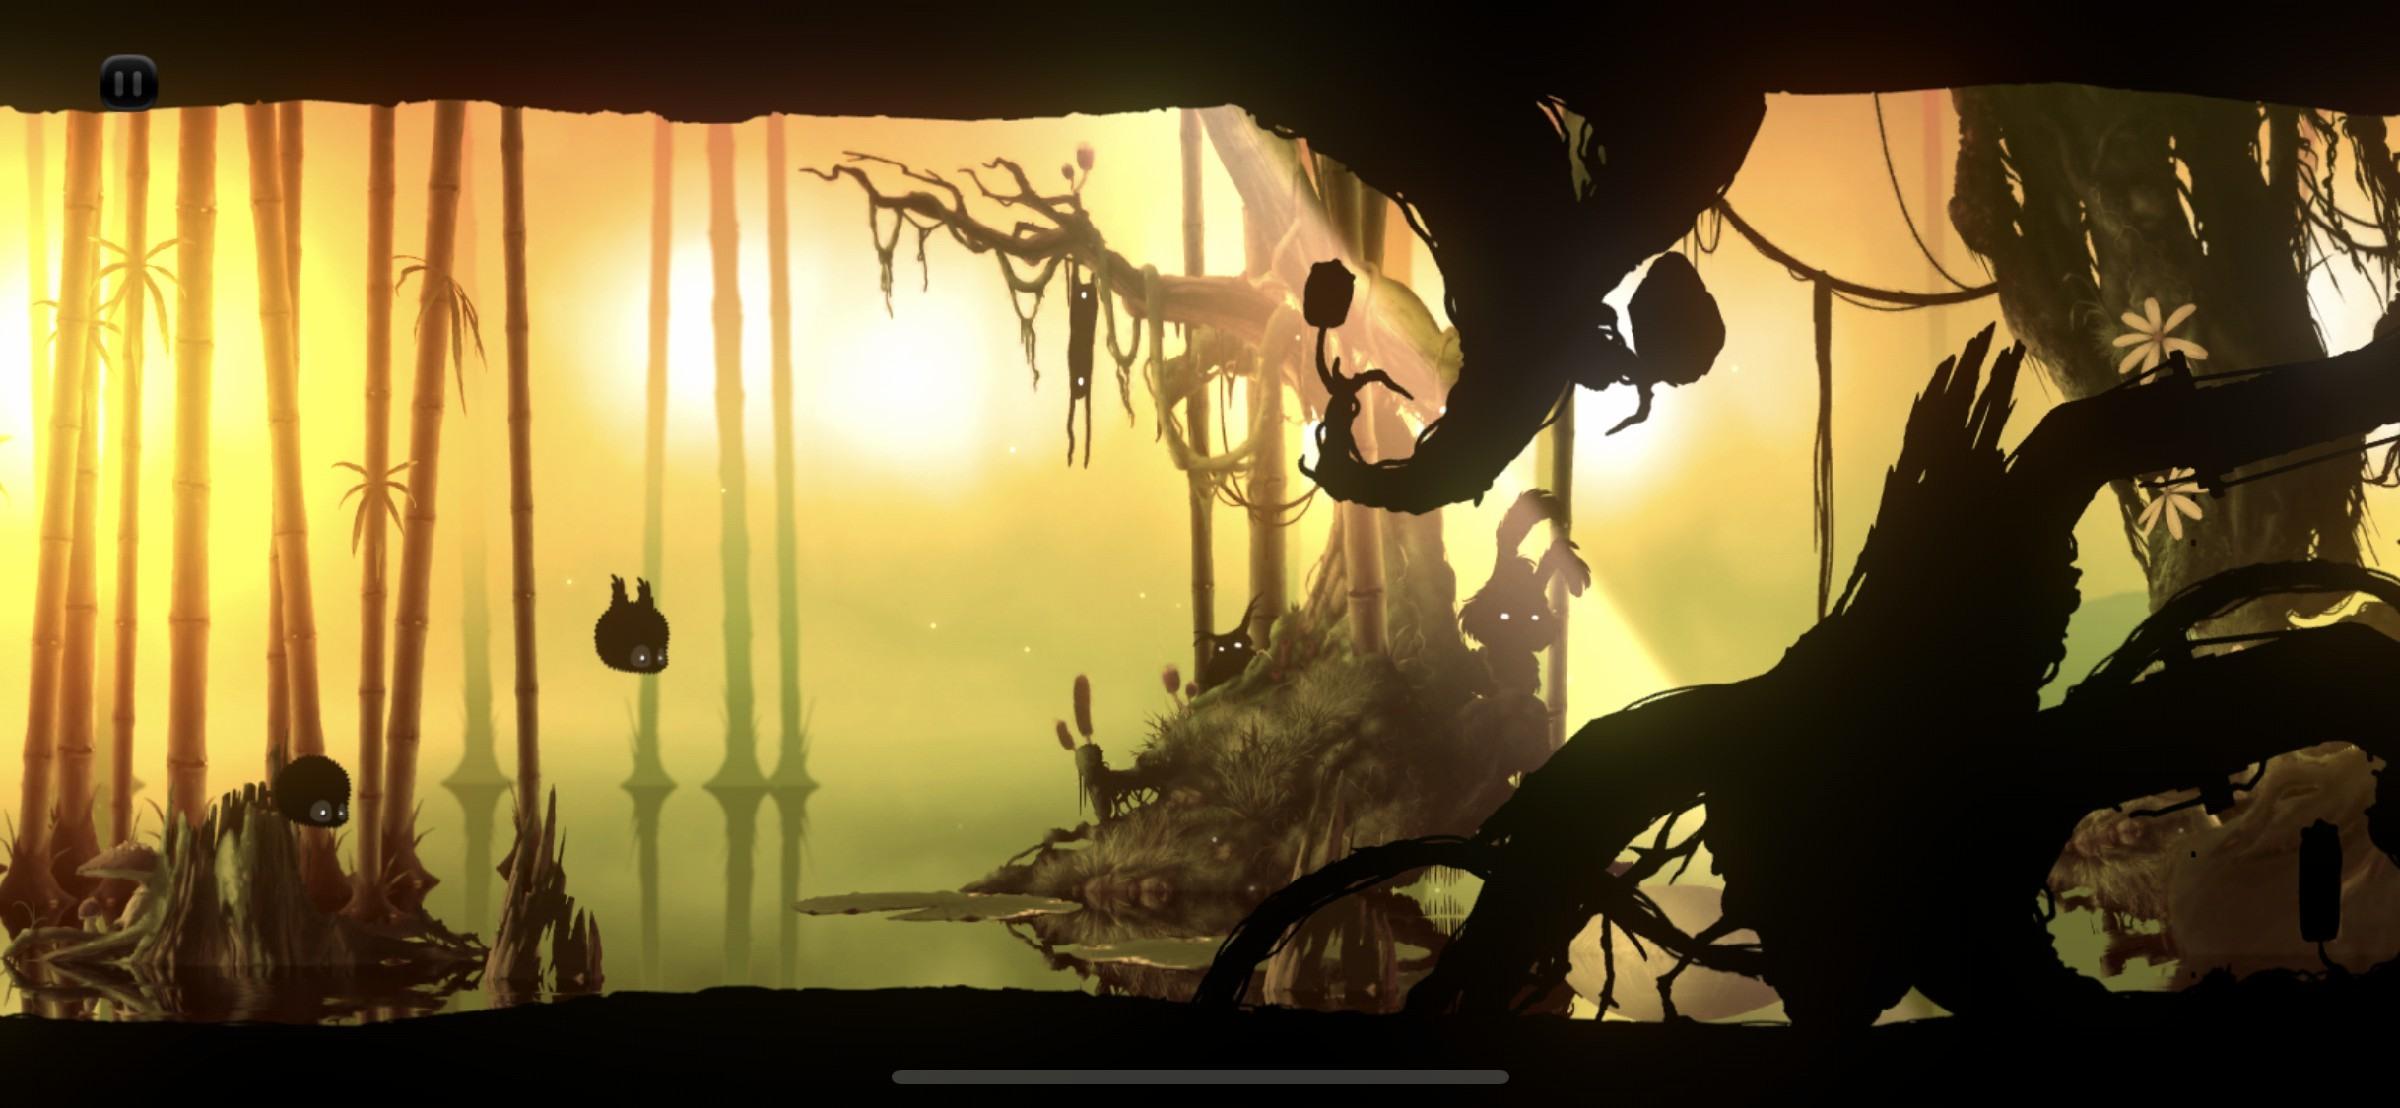 动作冒险游戏《Badland+》透过行动装置体验独特美学与丰富关卡设计